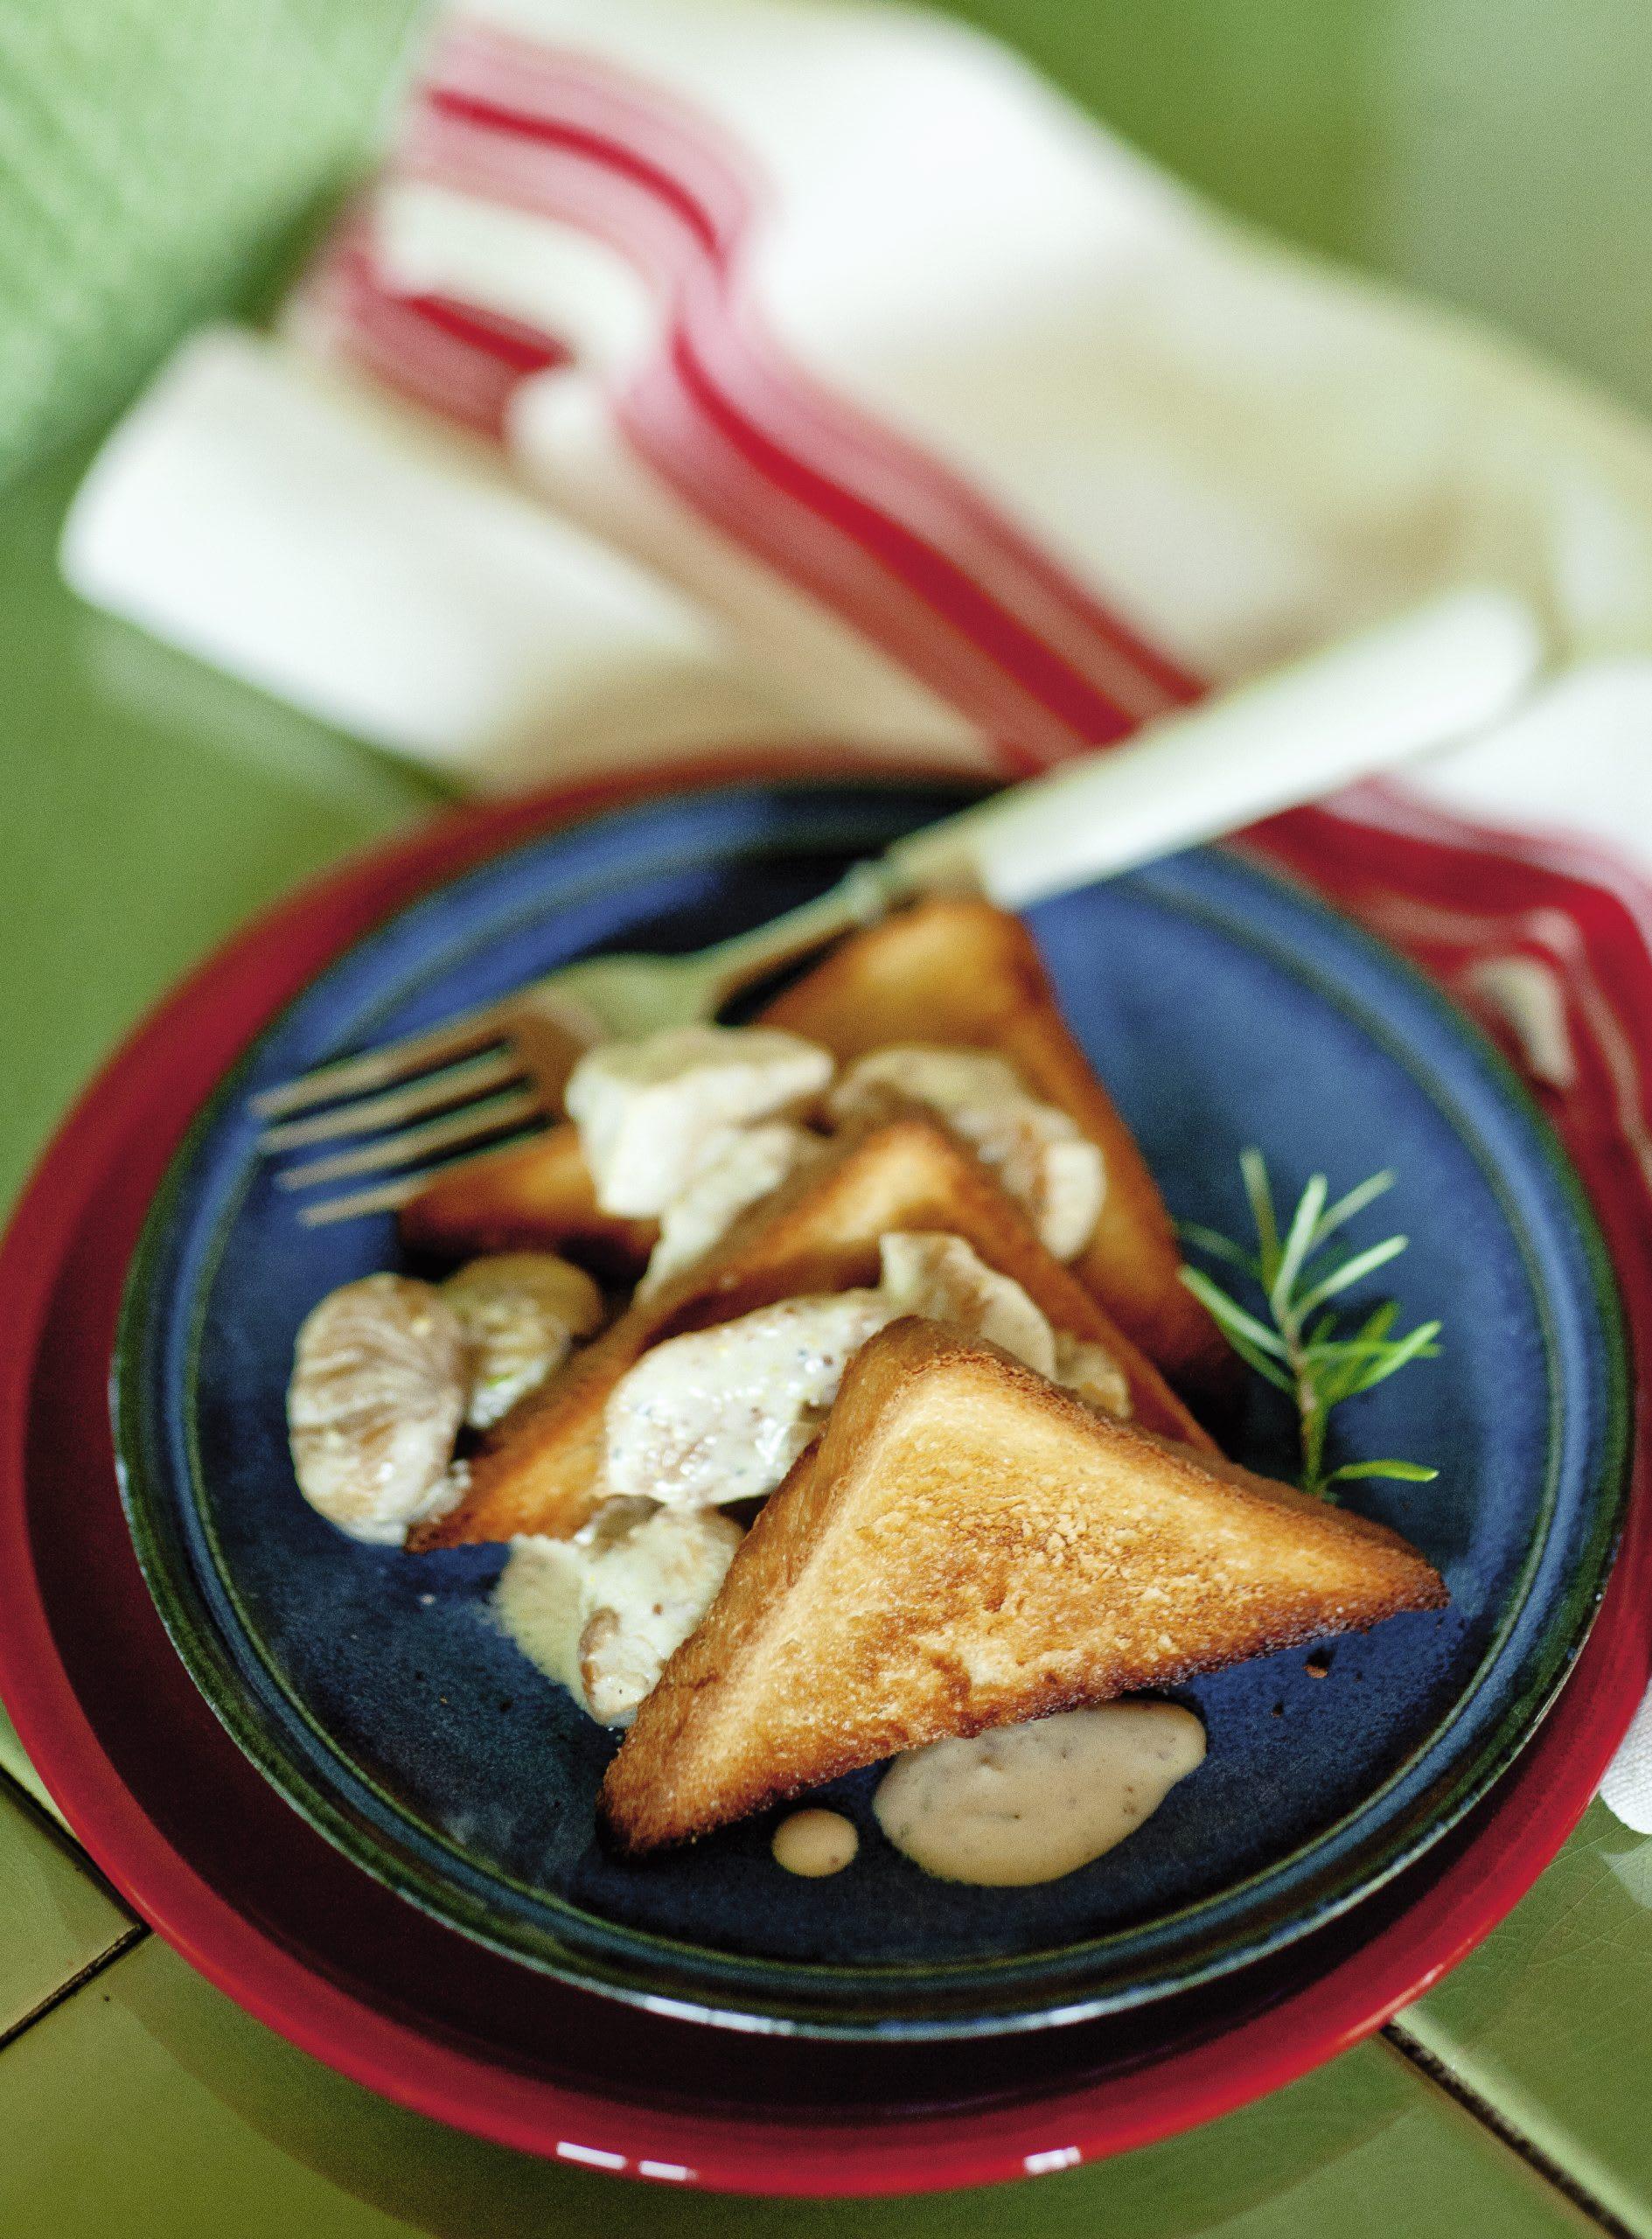 Poulet-Marroni-Toast